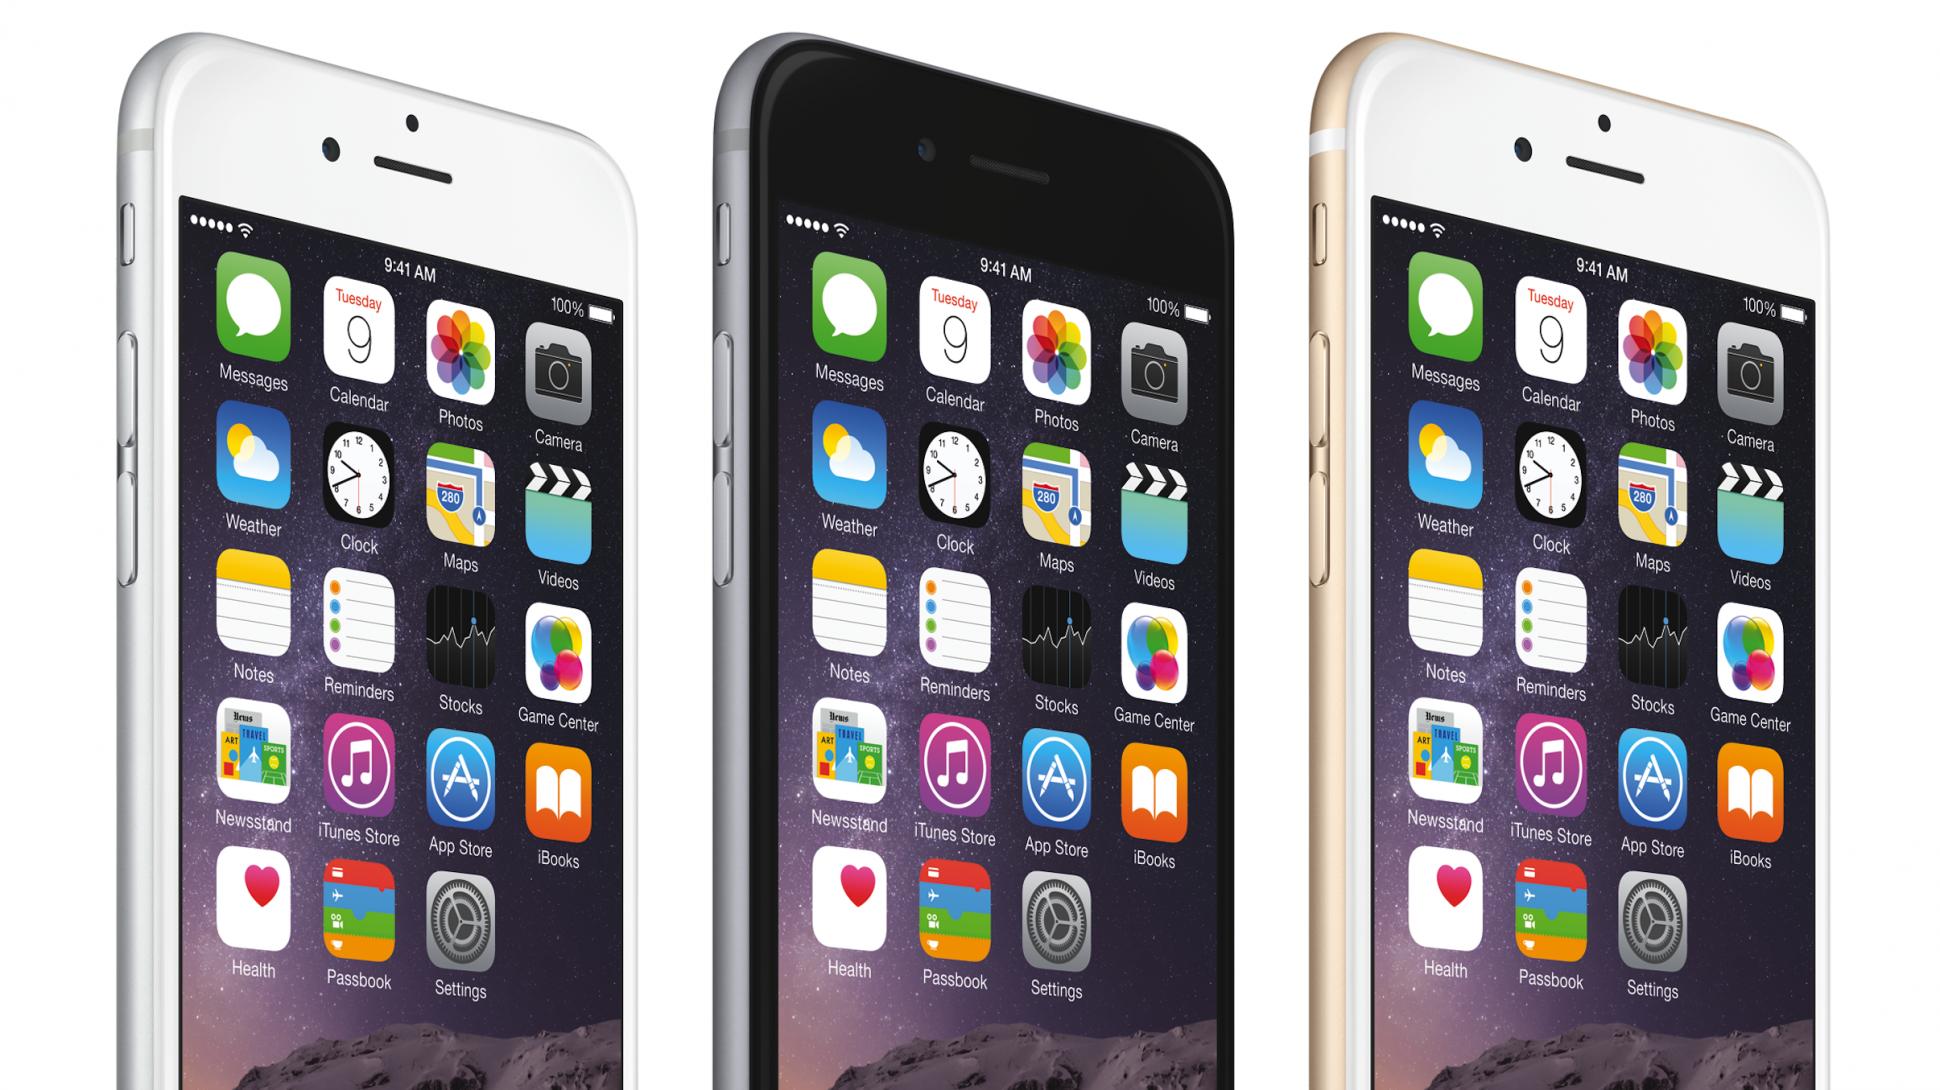 apple-iphone-6-e1410789464630-1940x1090